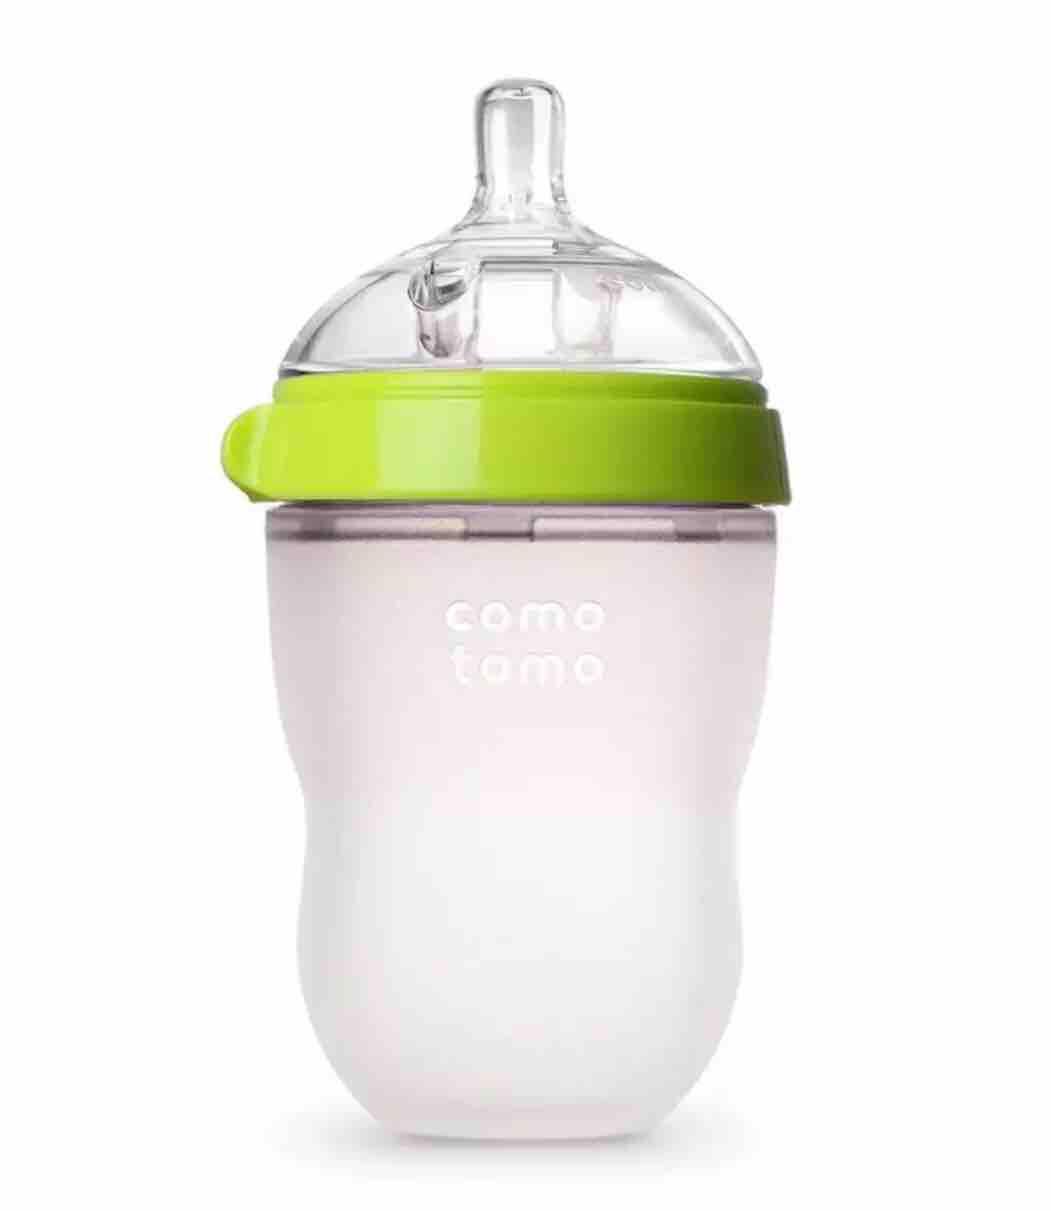 Bình sữa comotomo 250ml siêu mềm núm ty 2 tia